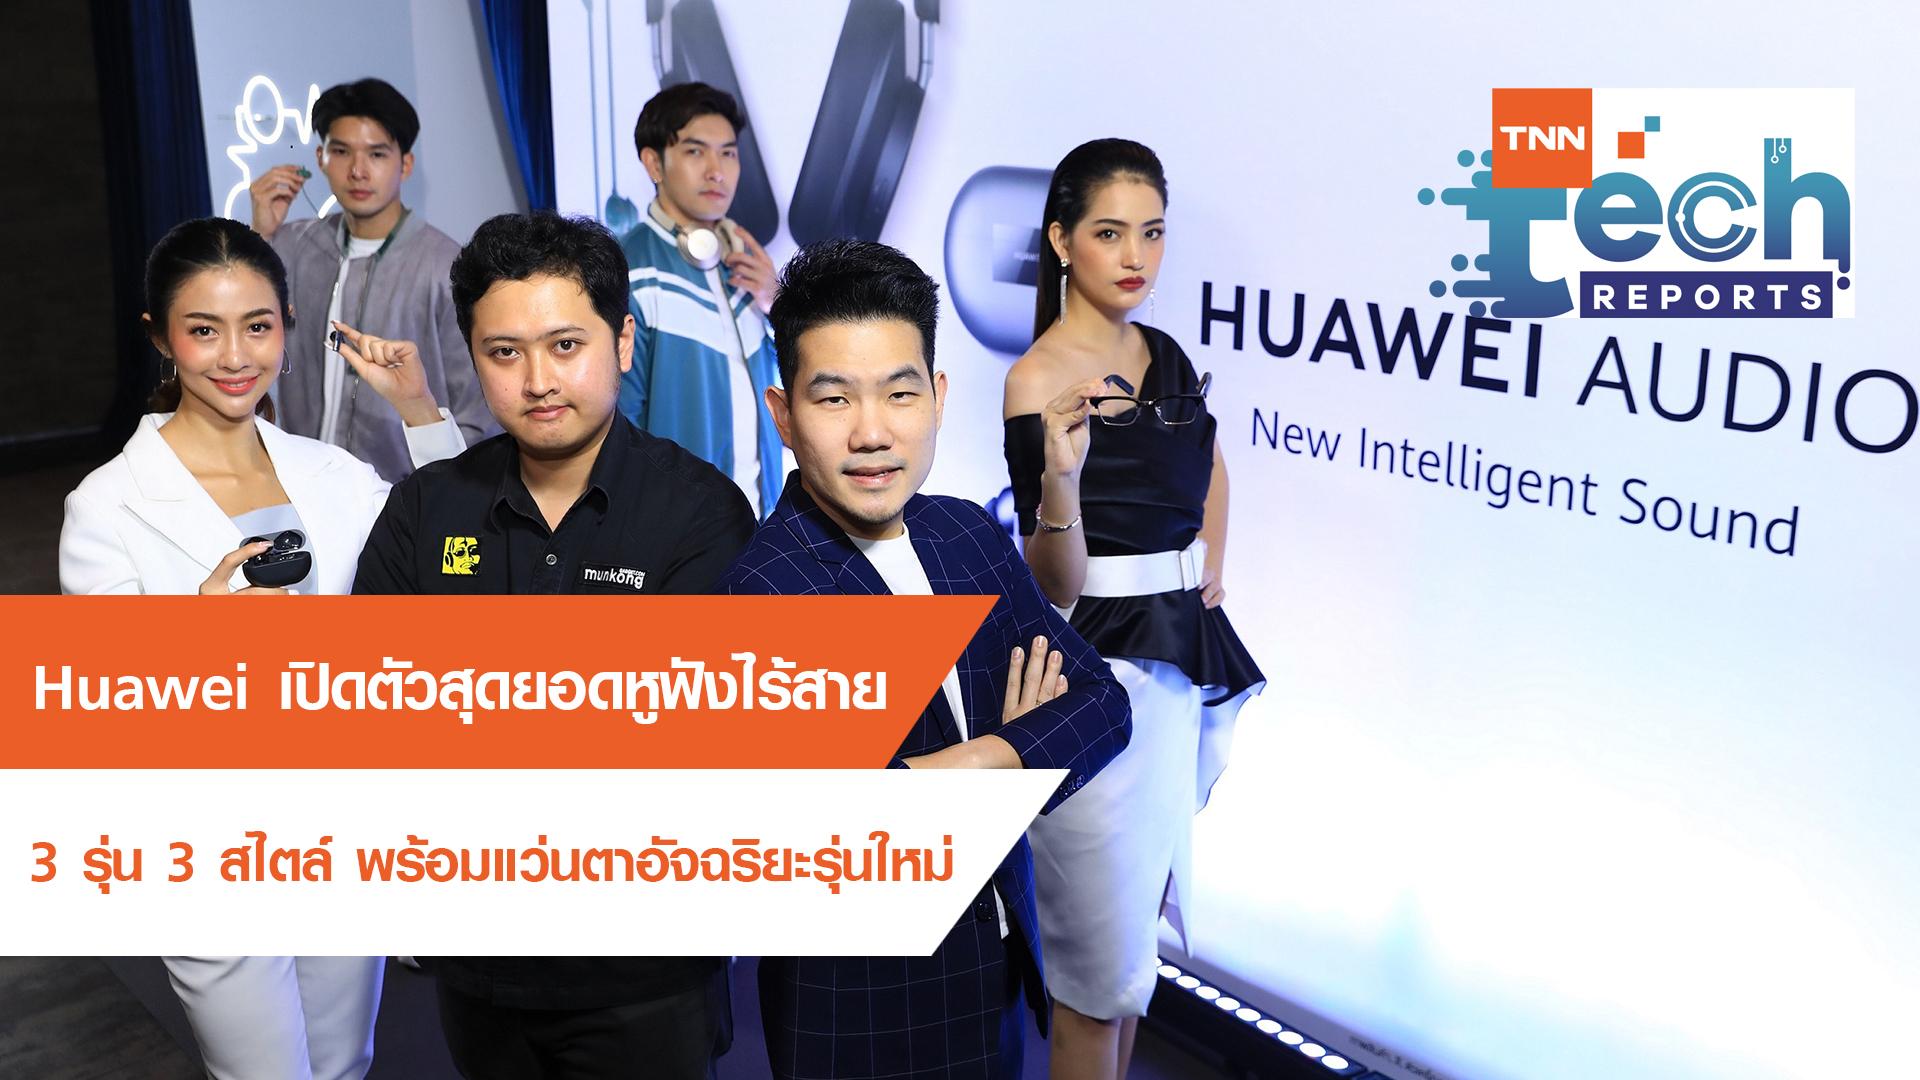 Huawei รุกตลาดสมาร์ทดีไวซ์ เจาะกลุ่มผู้รักเสียงเพลง